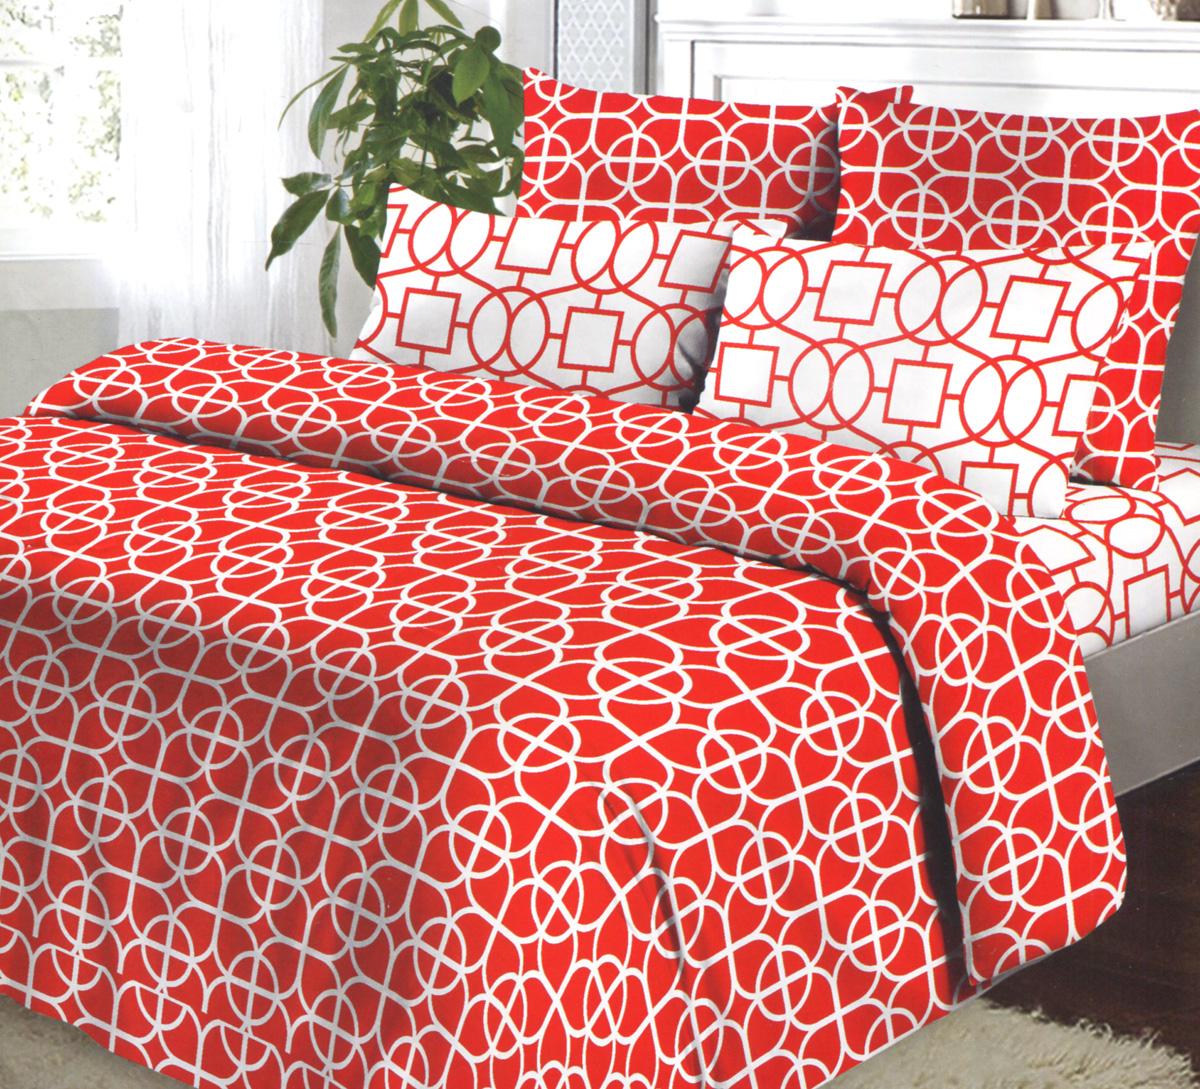 Комплект белья Коллекция Гео, 1,5-спальный, наволочки 50х70, цвет: красный, белыйОБК-1,5/50 5047/1:5048/1Комплект постельного белья Коллекция Гео выполнен из бязи (100% натурального хлопка). Комплект состоит из пододеяльника, простыни и двух наволочек. Постельное белье оформлено ярким красочным рисунком. Хорошая, качественная бязь всегда ценилась любителями спокойного и комфортного сна. Гладкая структура делает ткань приятной на ощупь, мягкой и нежной, при этом она прочная и хорошо сохраняет форму. Благодаря такому комплекту постельного белья вы сможете создать атмосферу роскоши и романтики в вашей спальне.